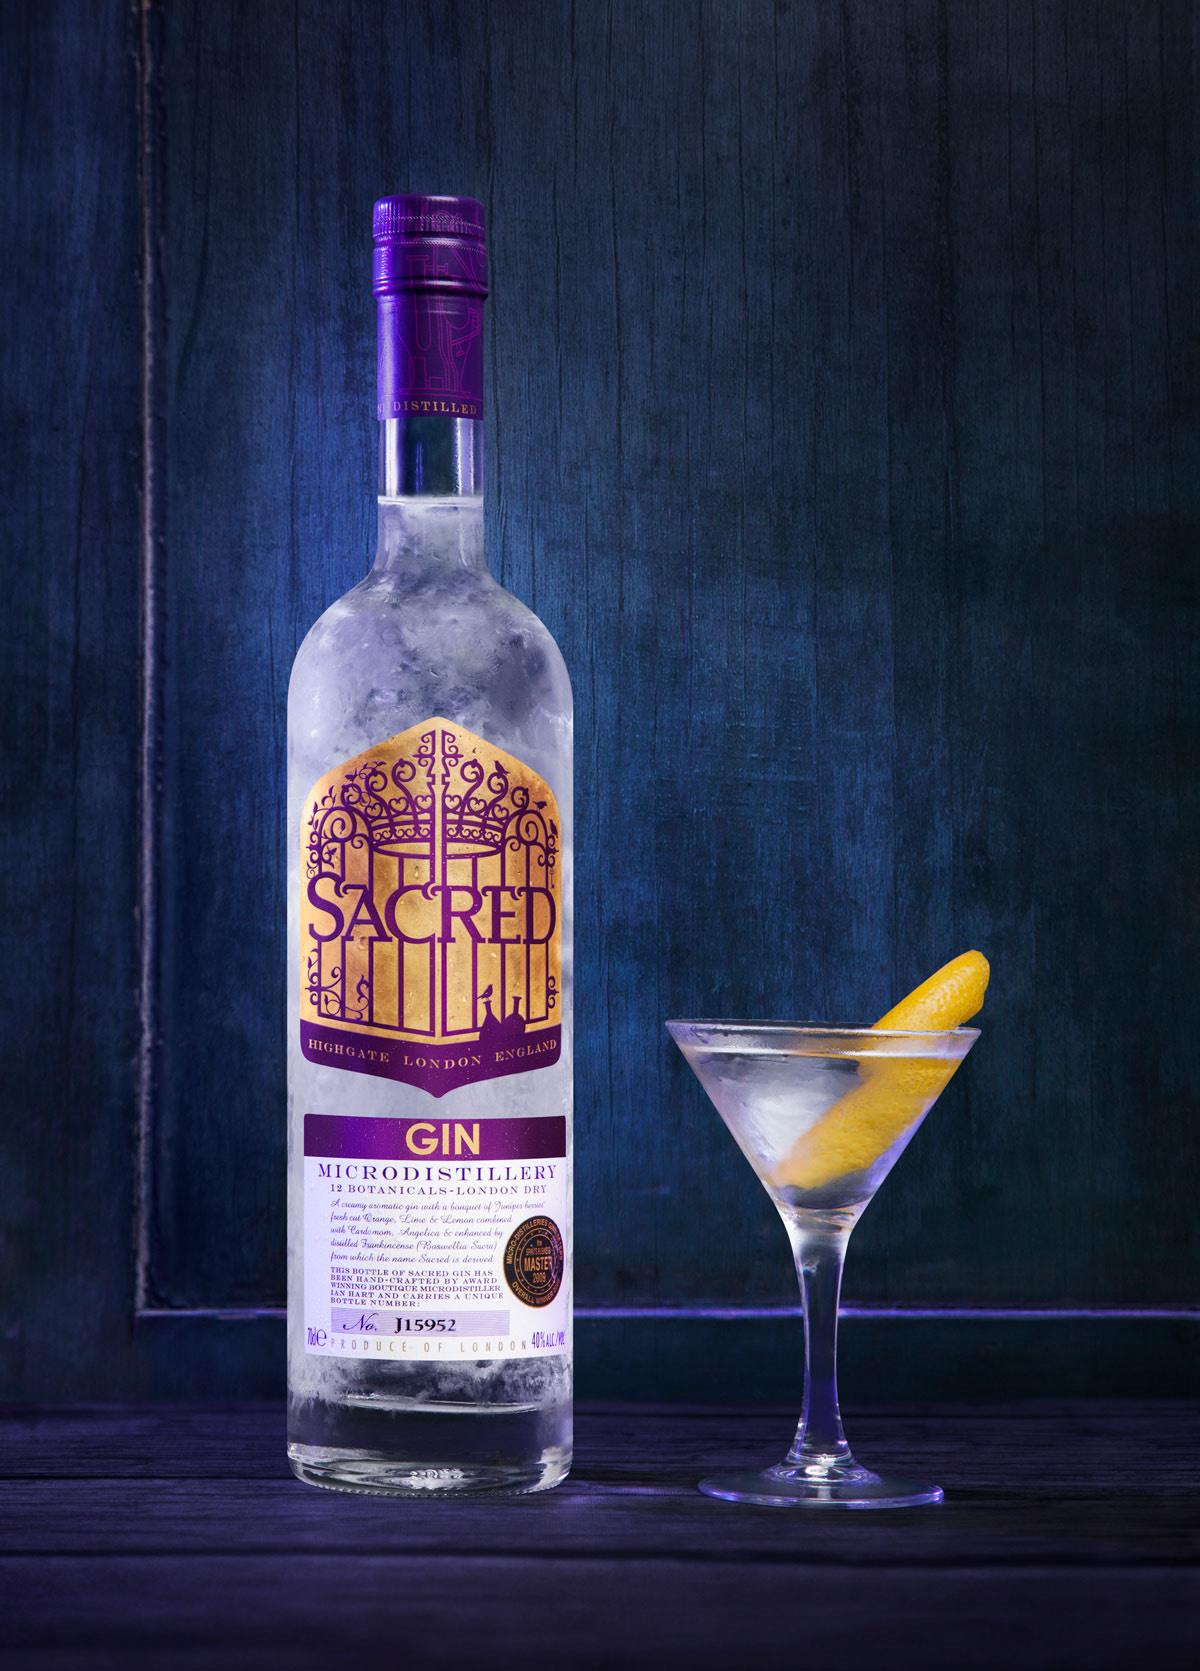 Sacred gin, artisan gin, gin club